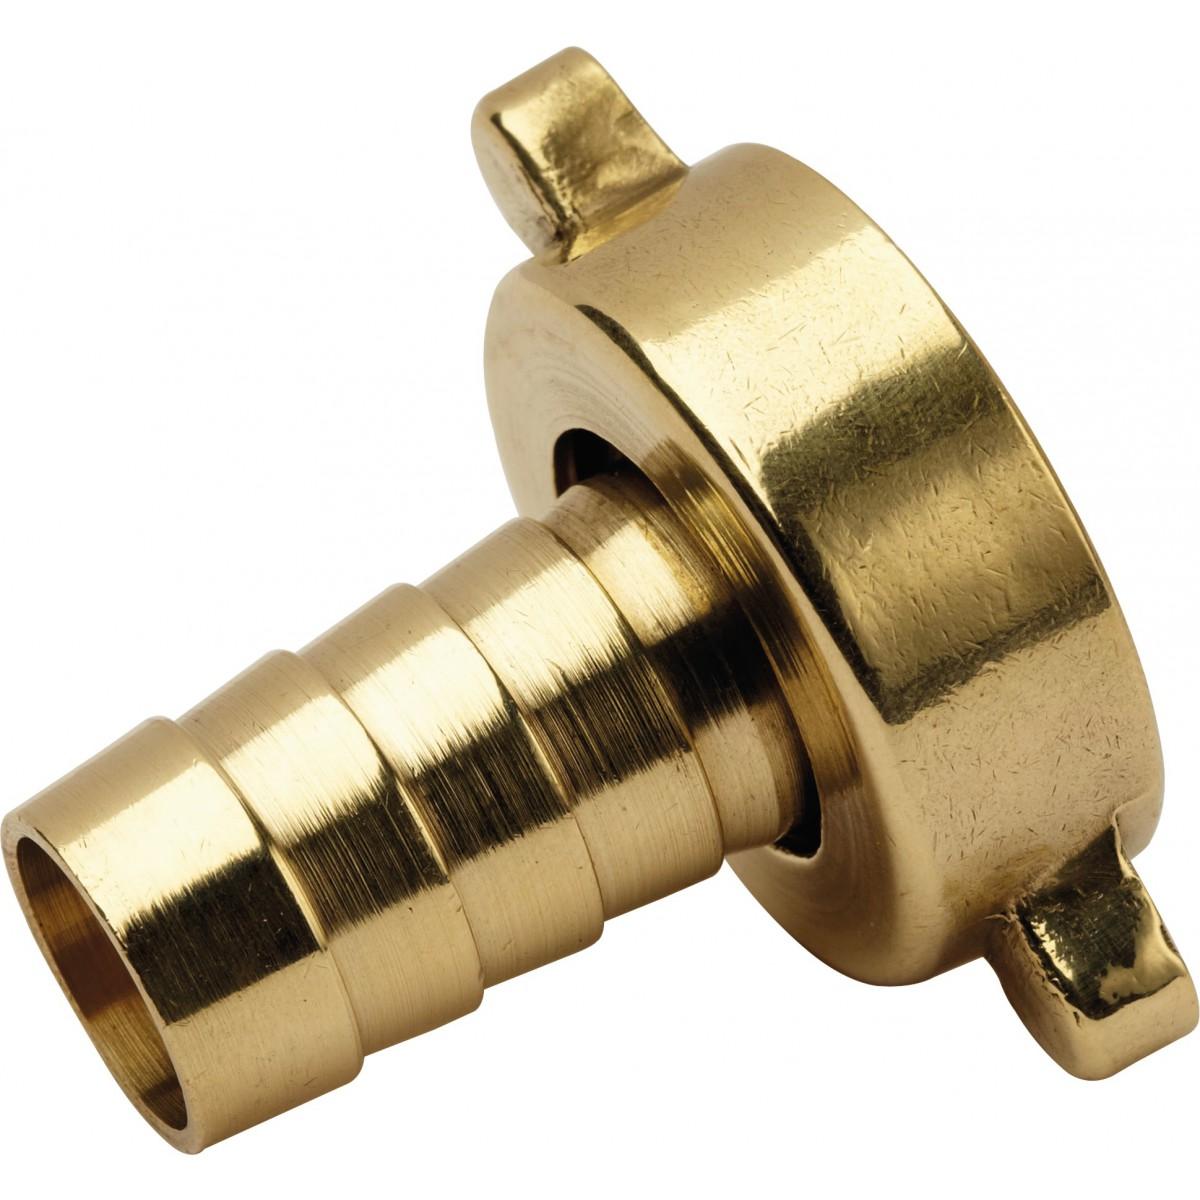 Nez de robinet et collier de serrage Cap Vert - Filetage 20 x 27 mm - Diamètre 15 mm